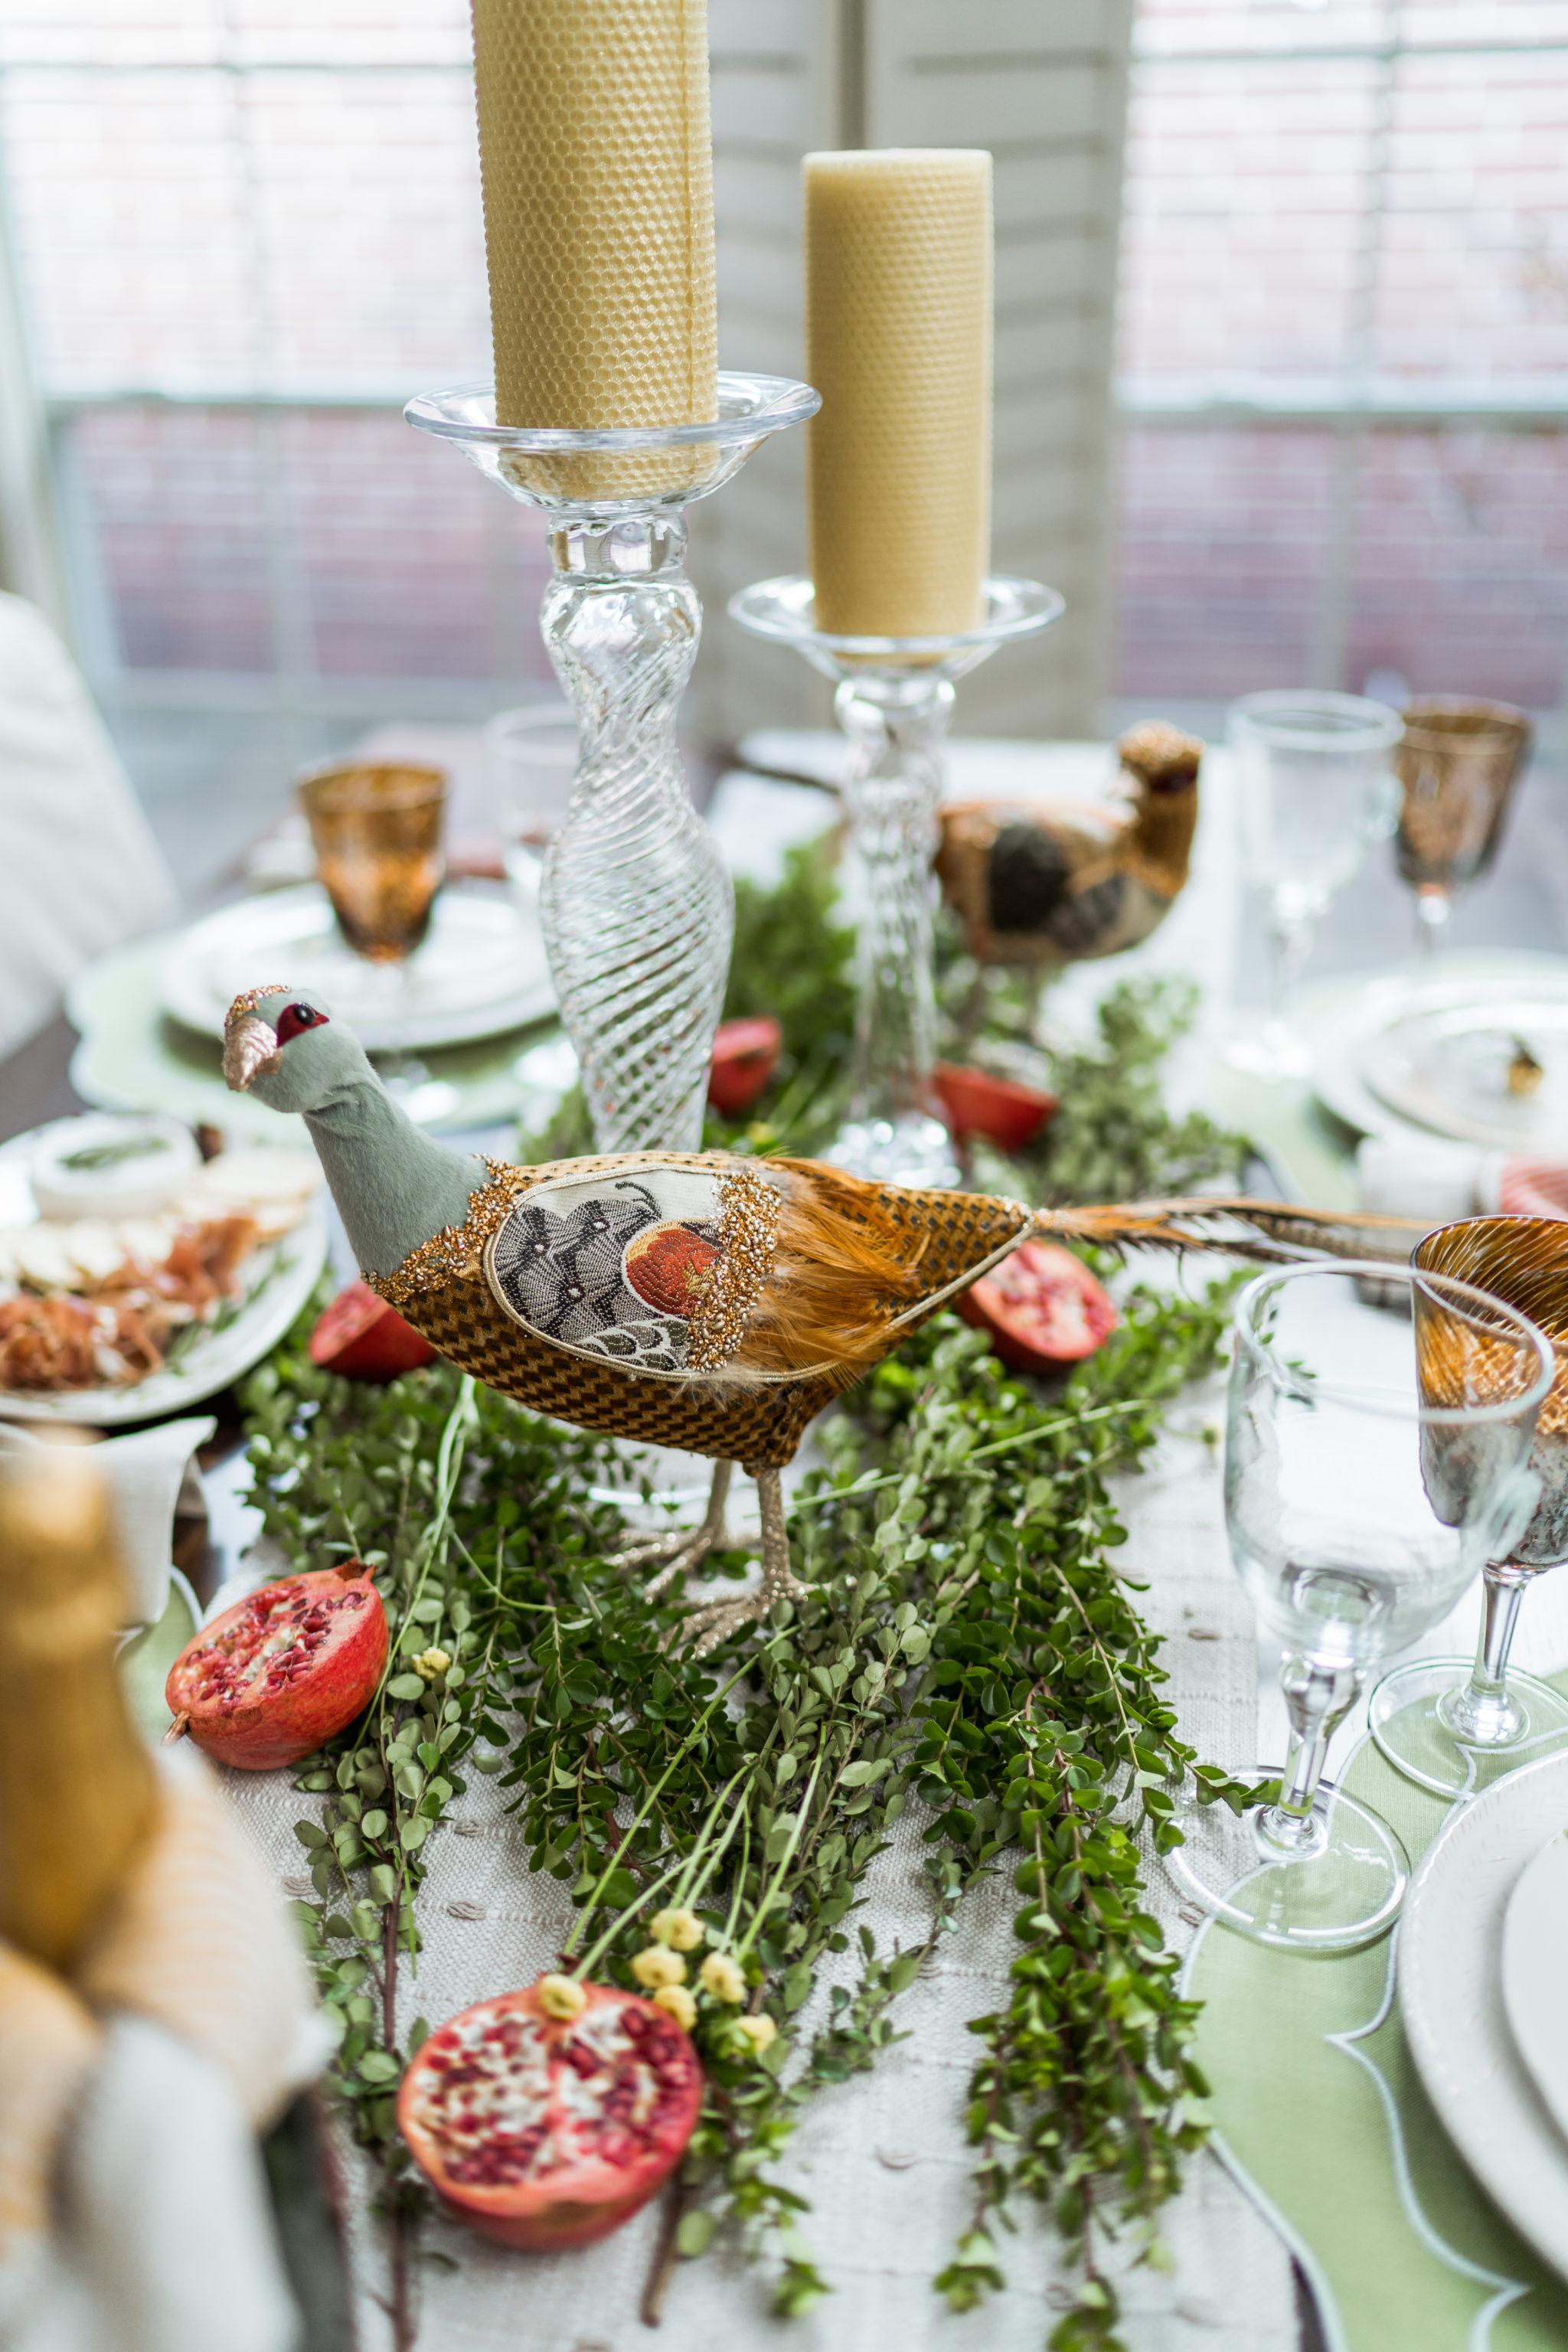 Thanksgiving table decor ideas